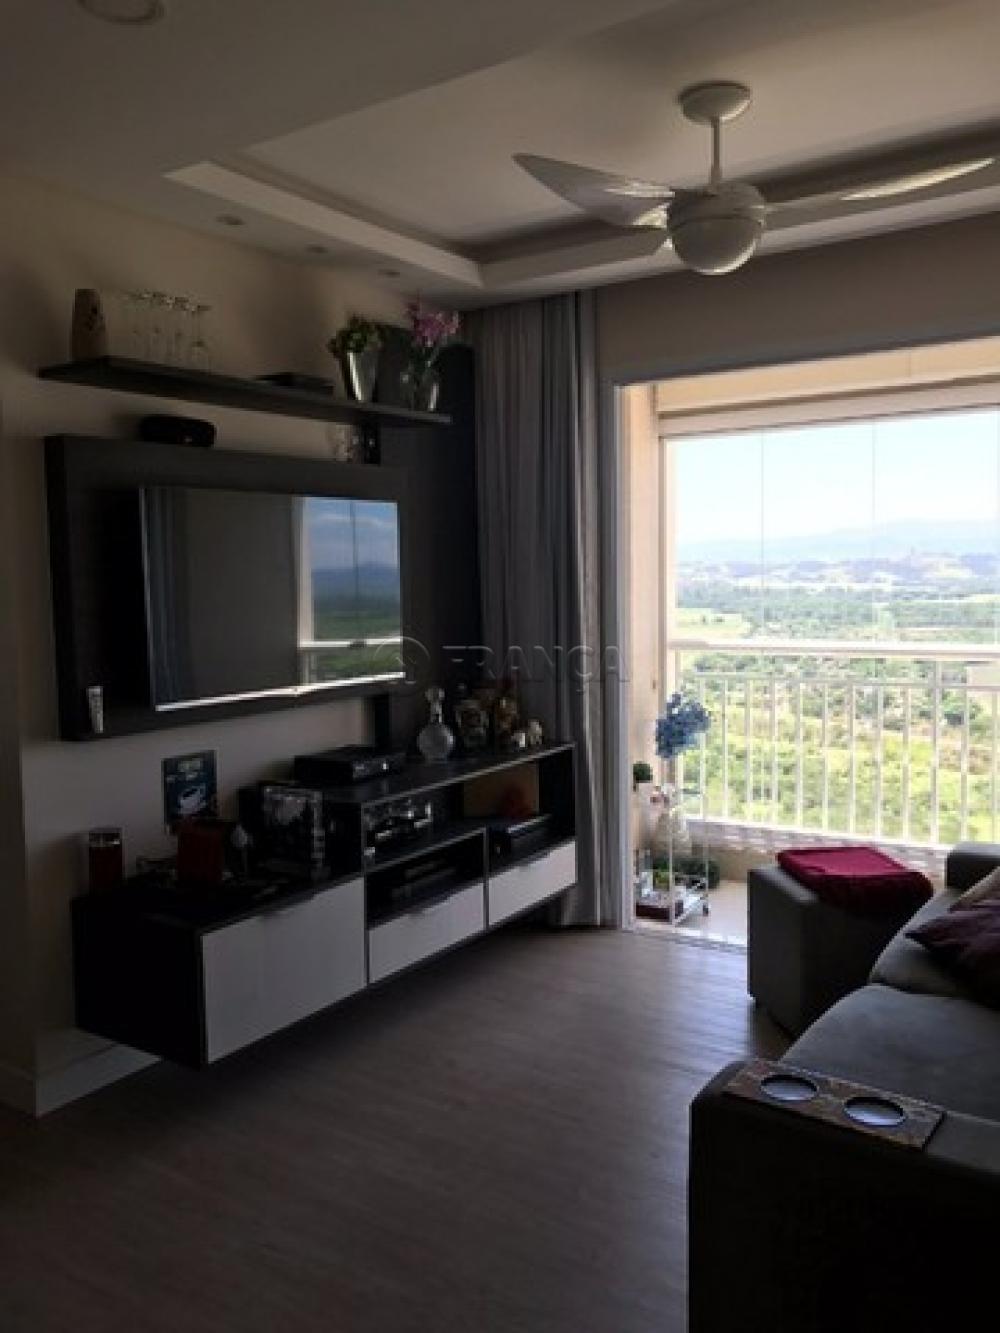 Comprar Apartamento / Padrão em São José dos Campos R$ 395.000,00 - Foto 2